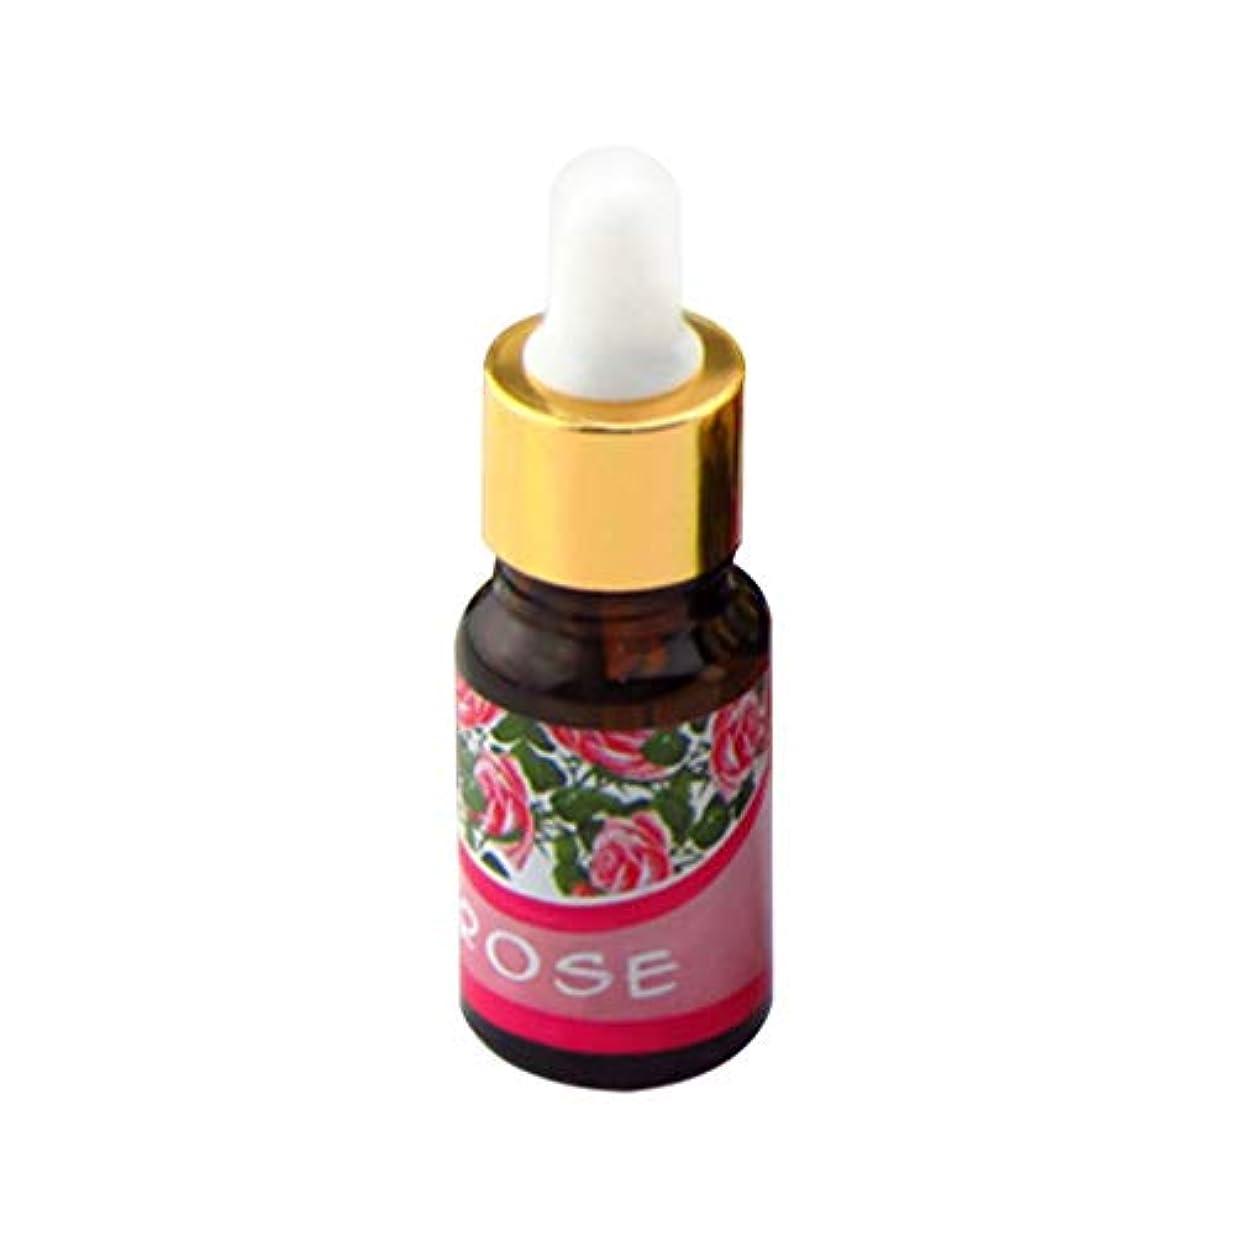 排除令状秘密の水溶性加湿器エッセンシャルオイルのために10ミリリットルのアロマ女性美容フルーツ植物精油、水?オイル